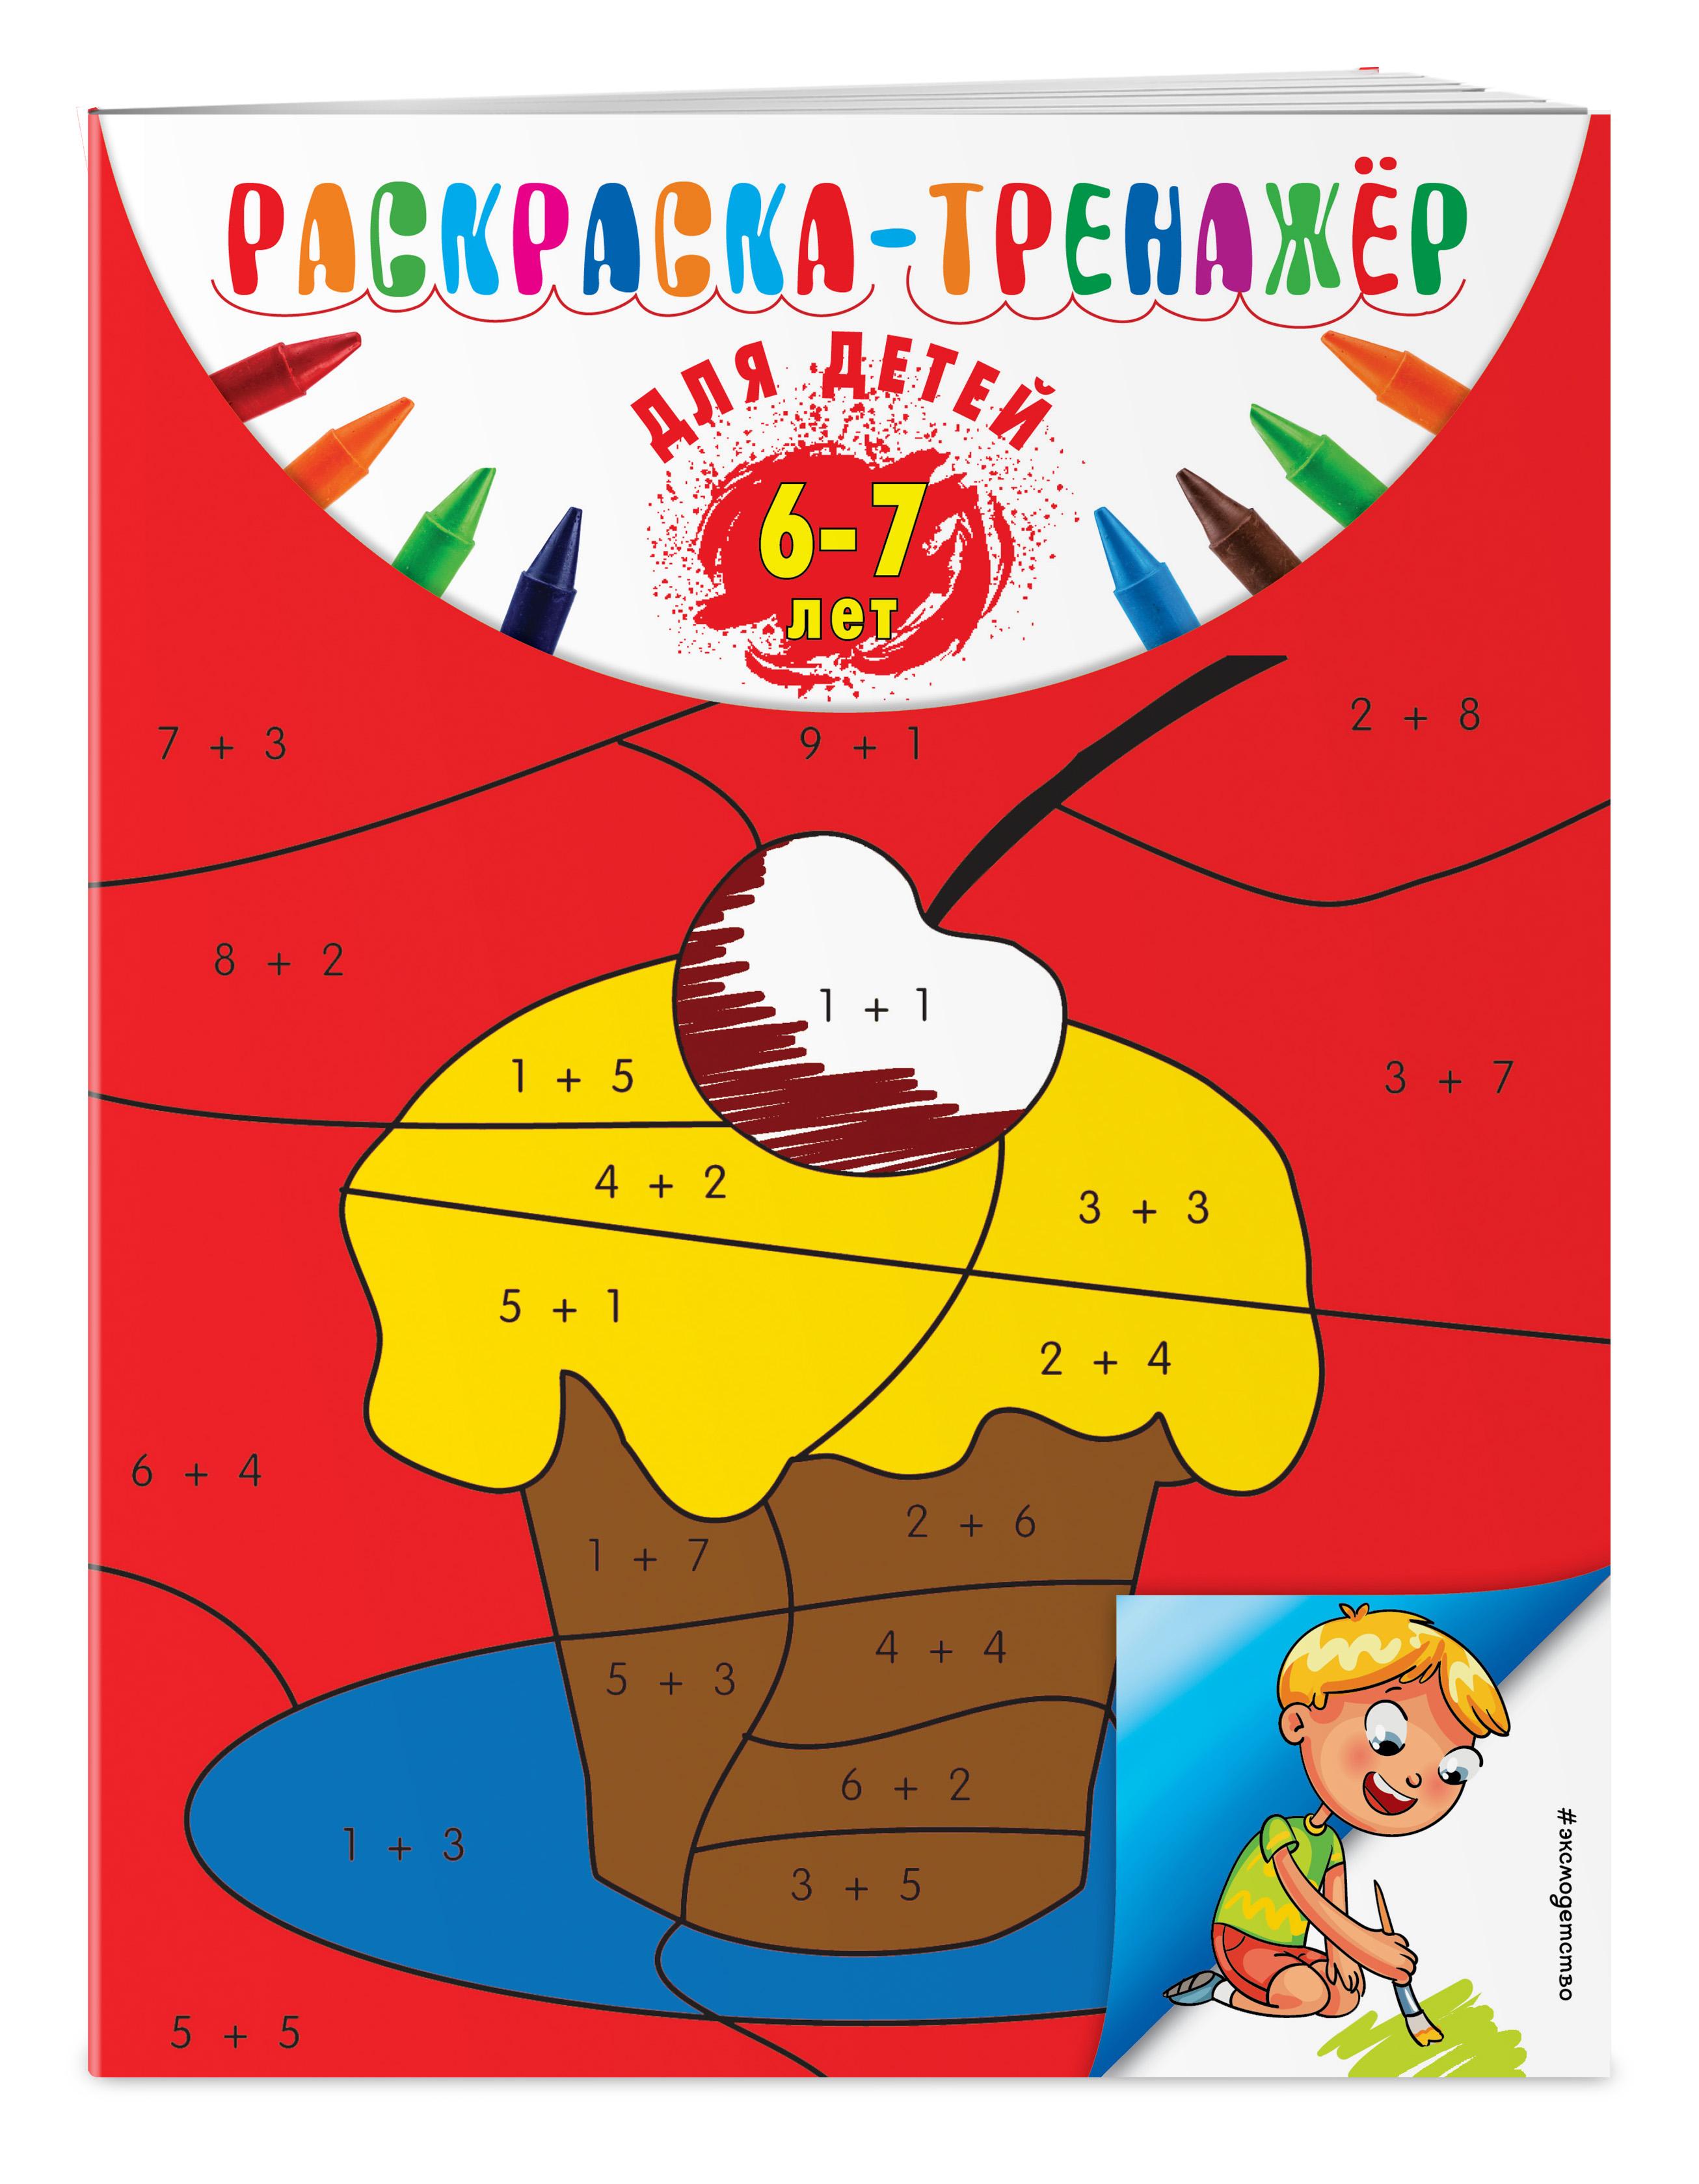 Волох А.В. Раскраска-тренажер: для детей 6-7 лет ISBN: 978-5-04-090326-9